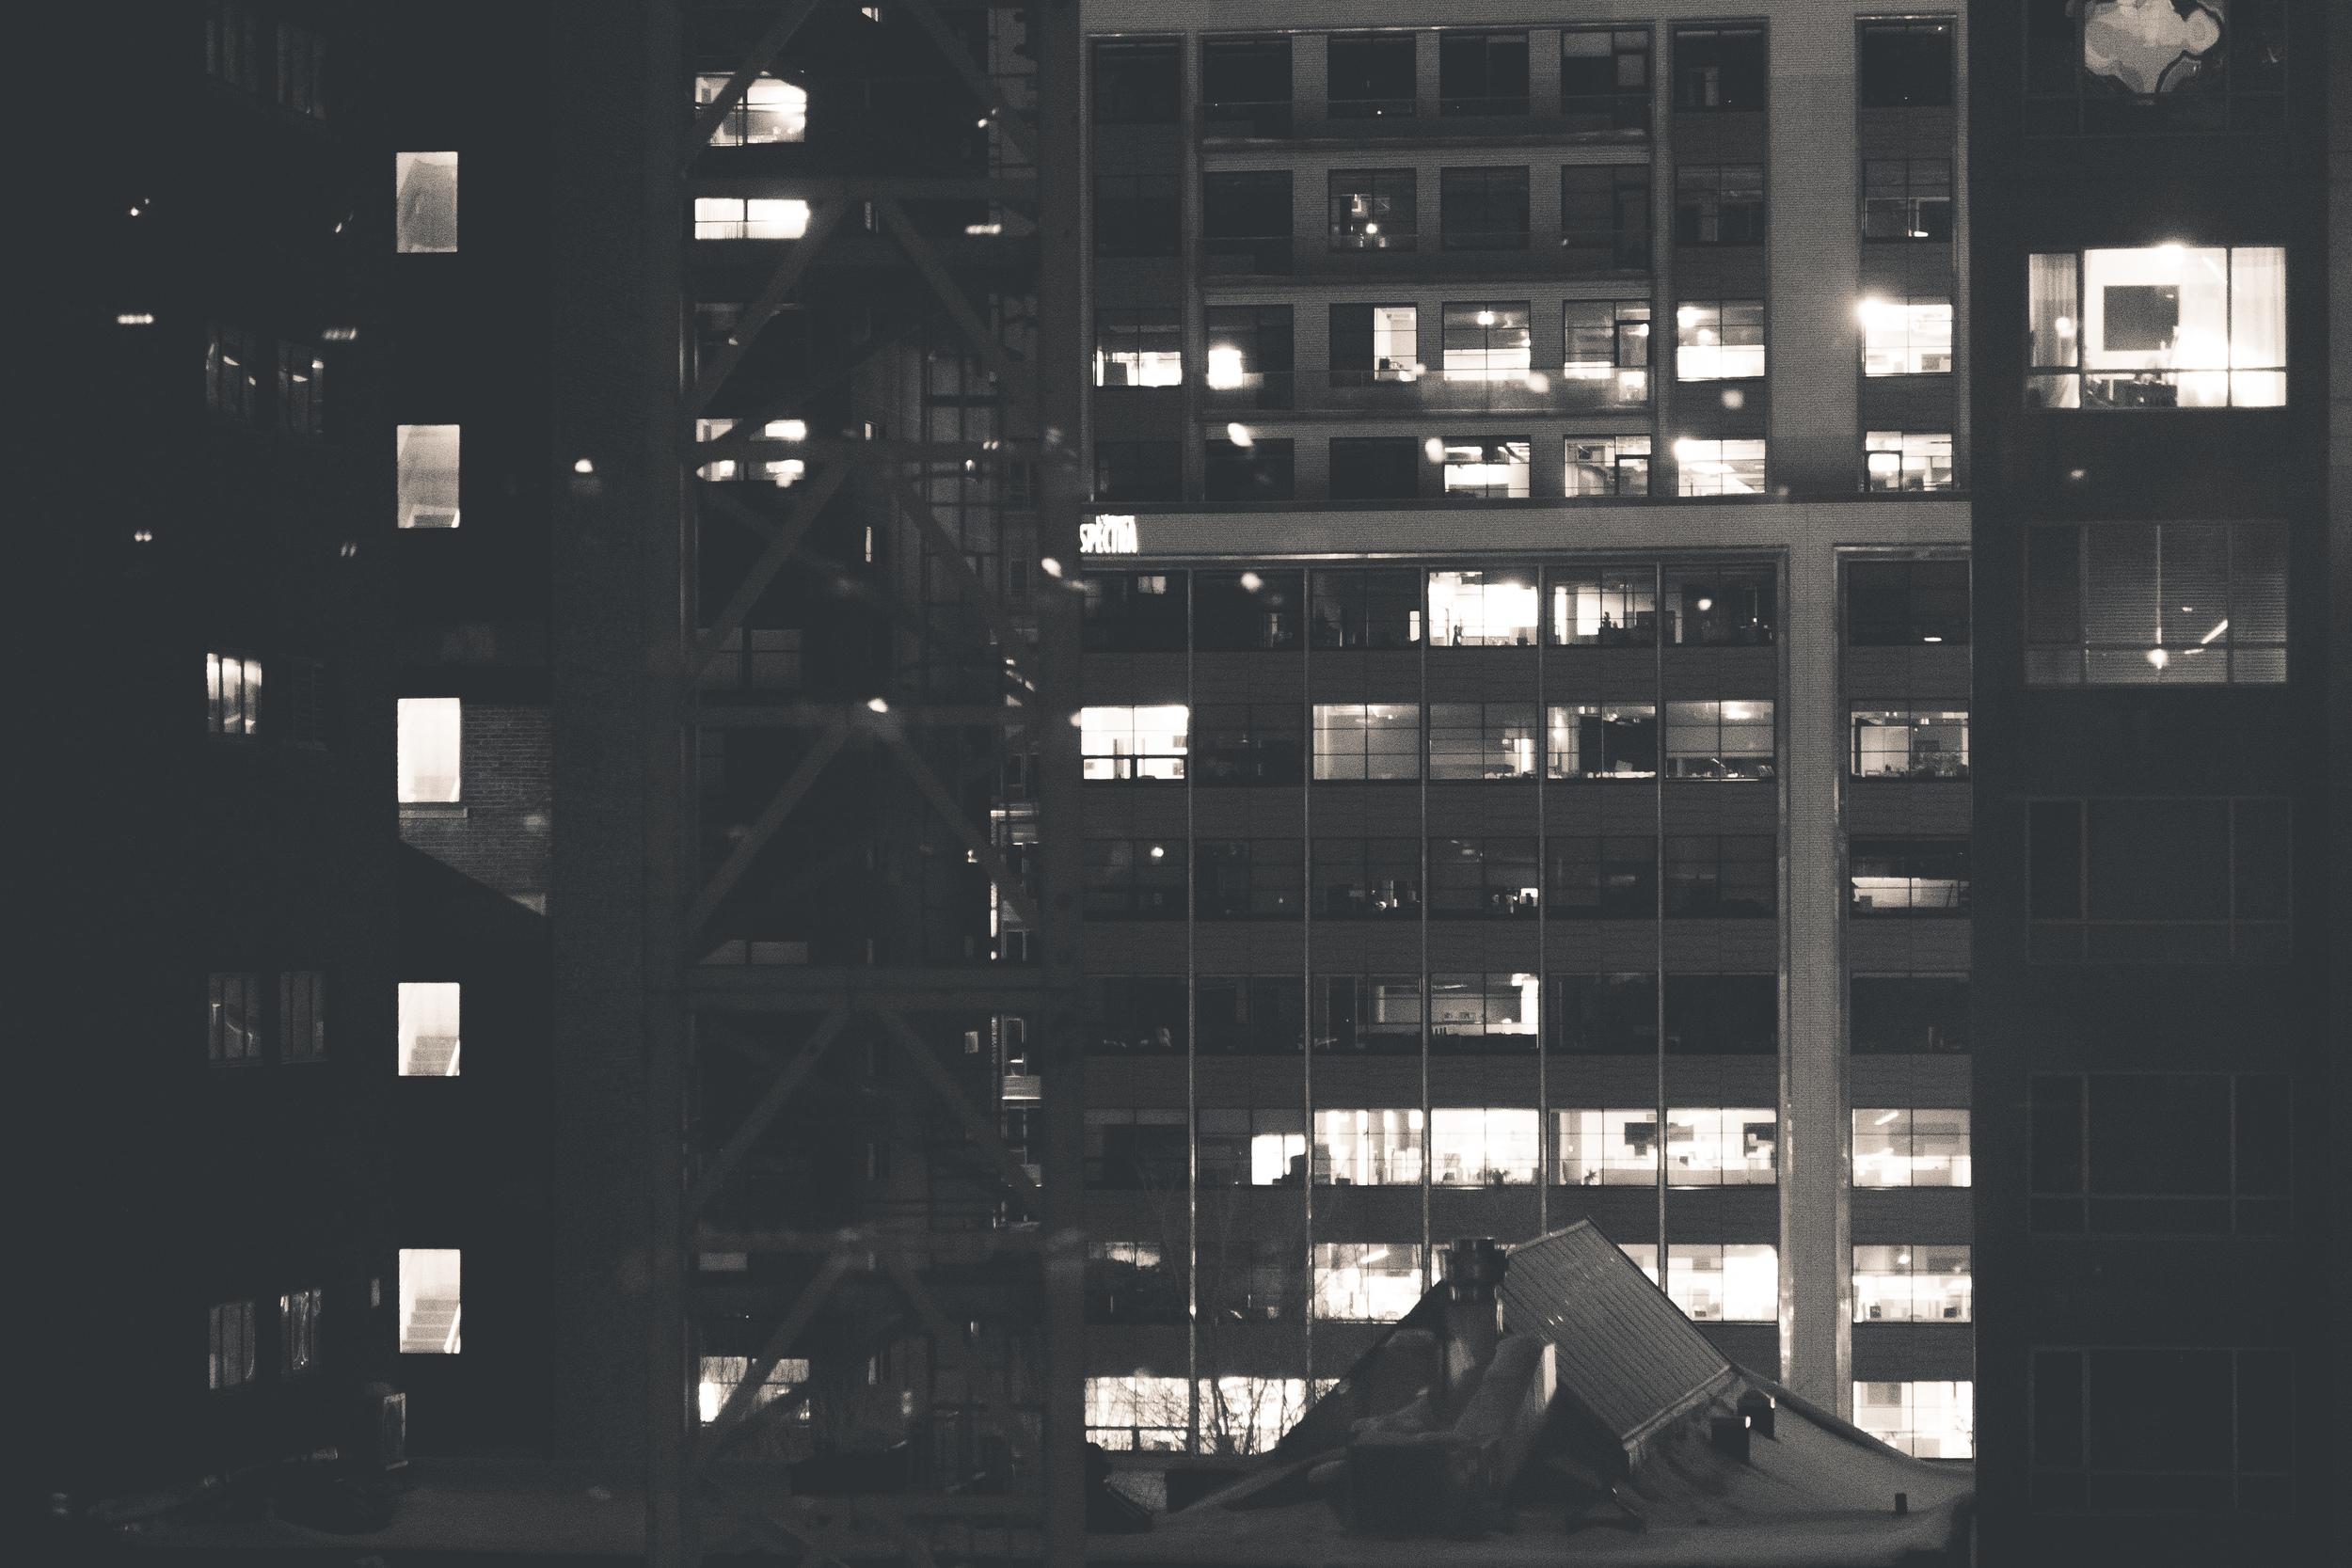 Urban Shadow